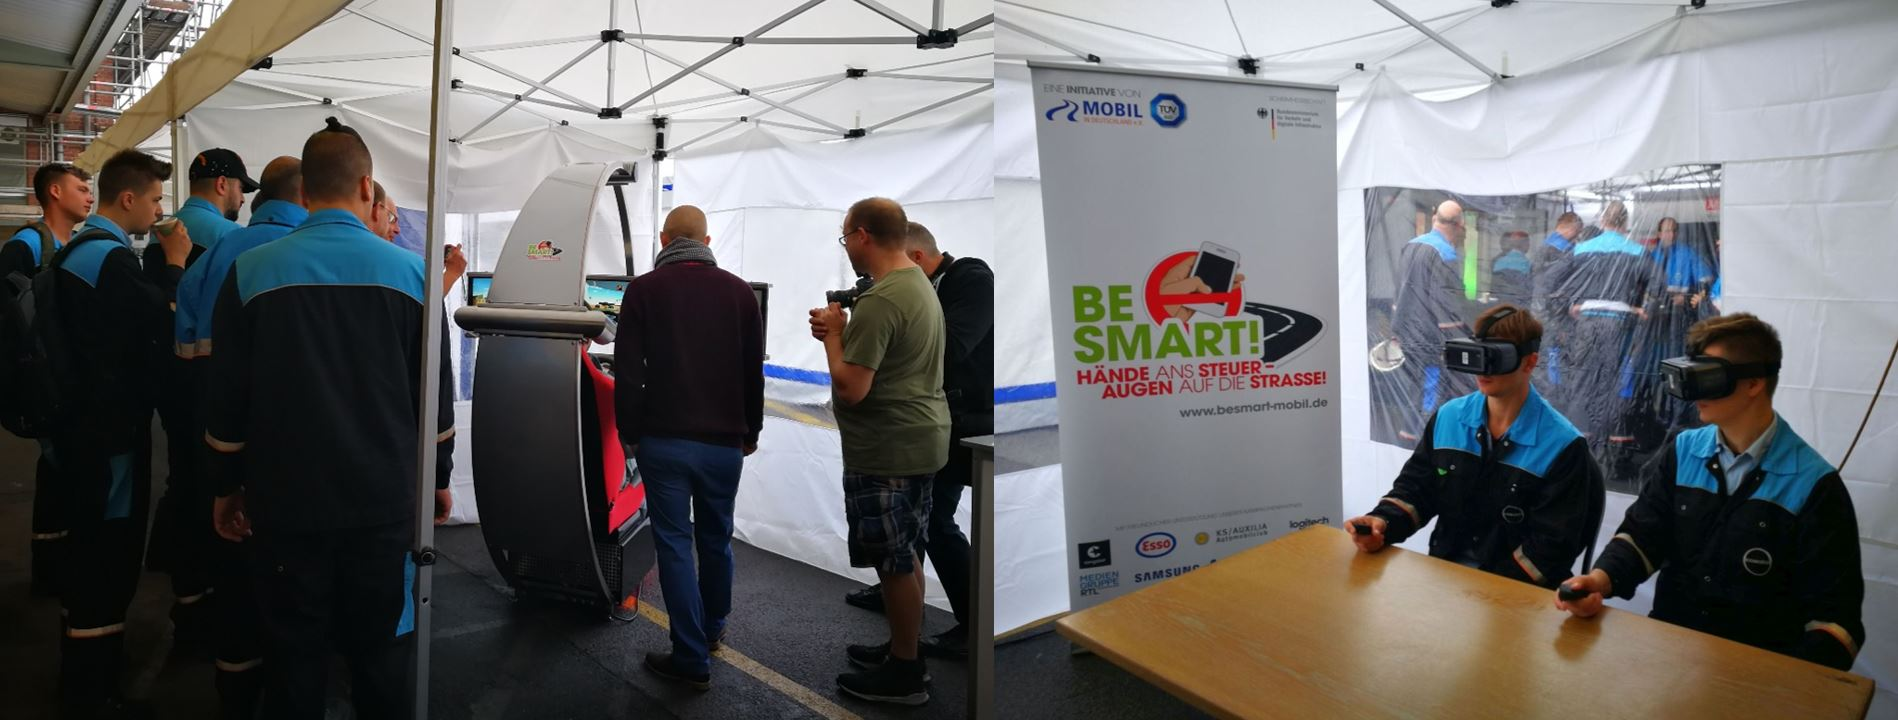 Verkehrssicherheits-Workshop BE SMART mit VR-Brillen und Fahrsimulator